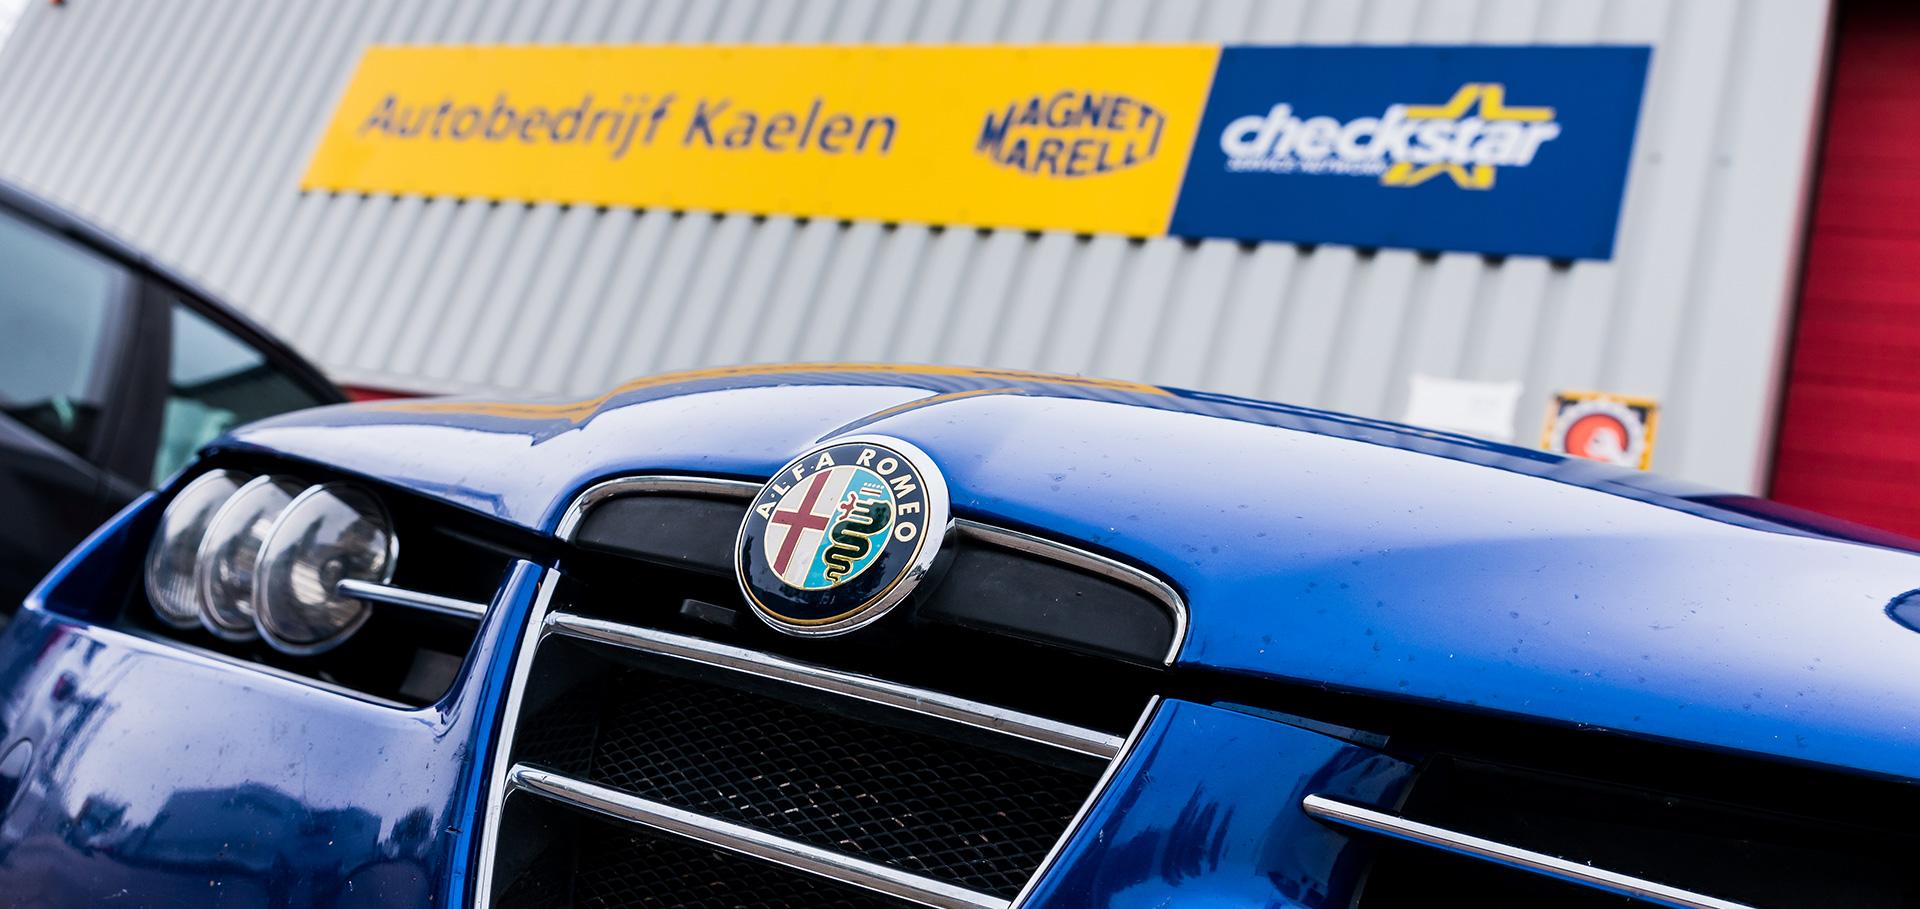 Verkoop Autobedrijf Kaelen Zeeland